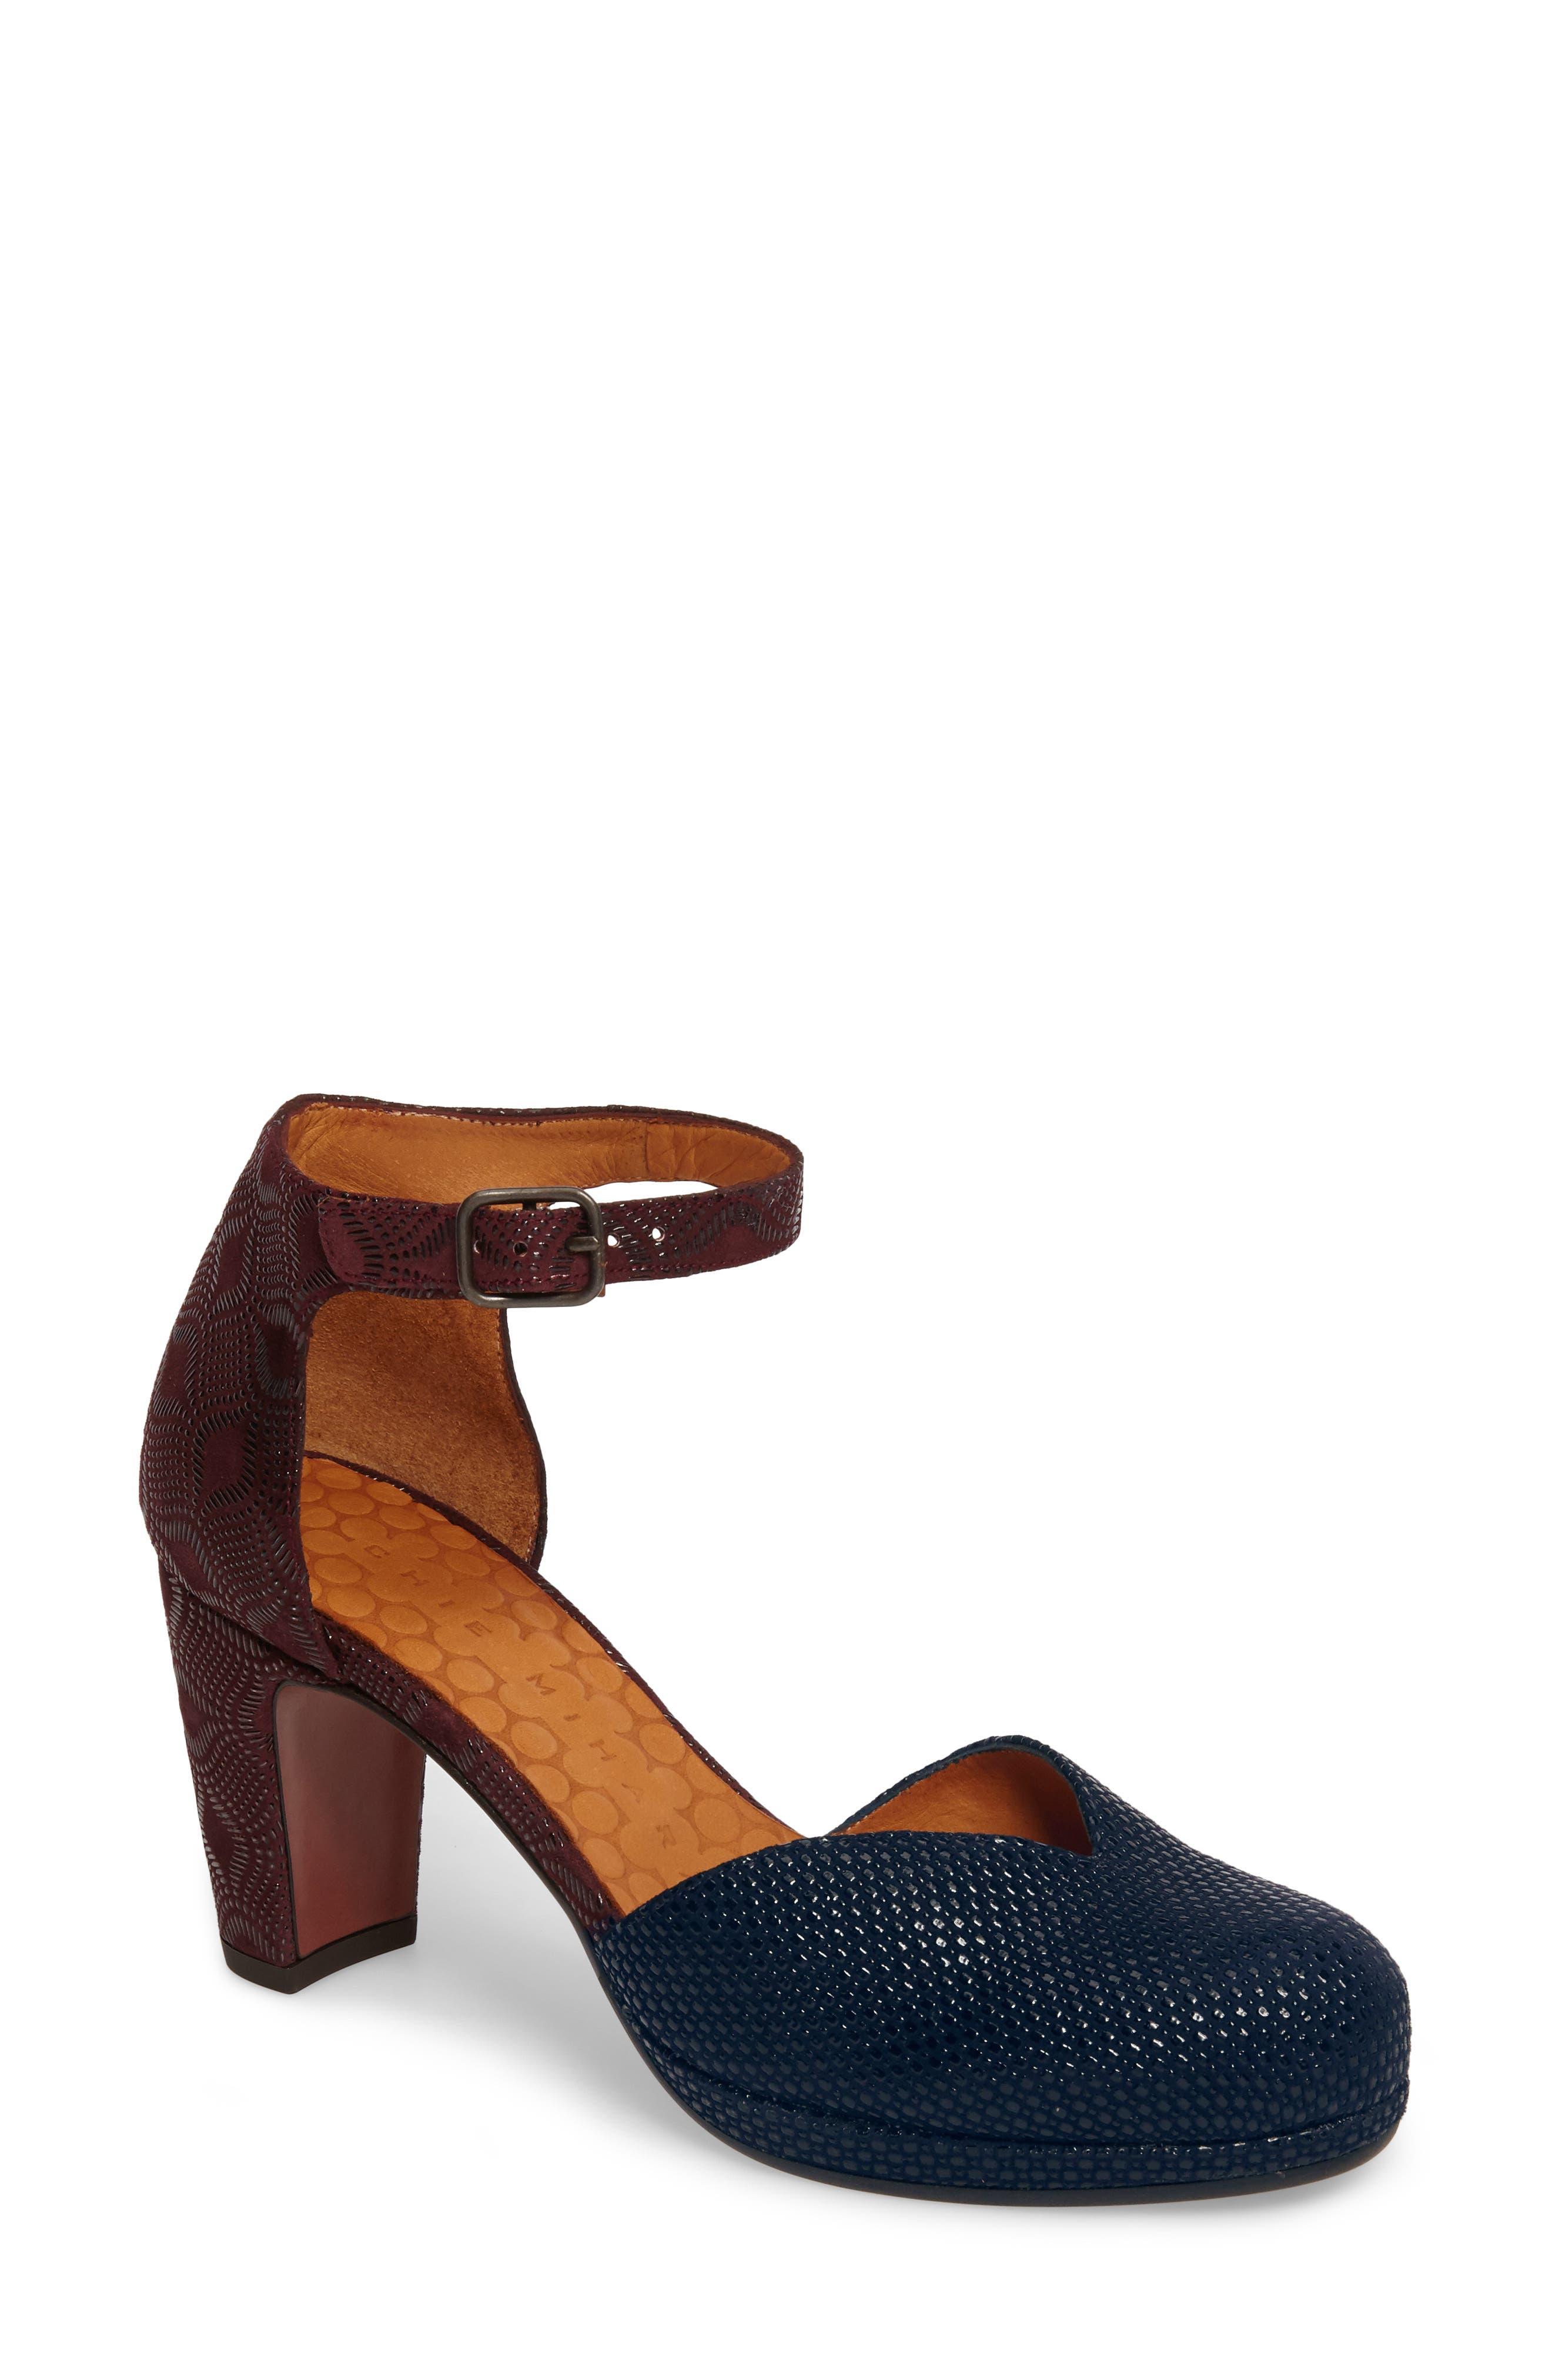 Maho d'Orsay Ankle Strap Pump,                             Main thumbnail 1, color,                             400